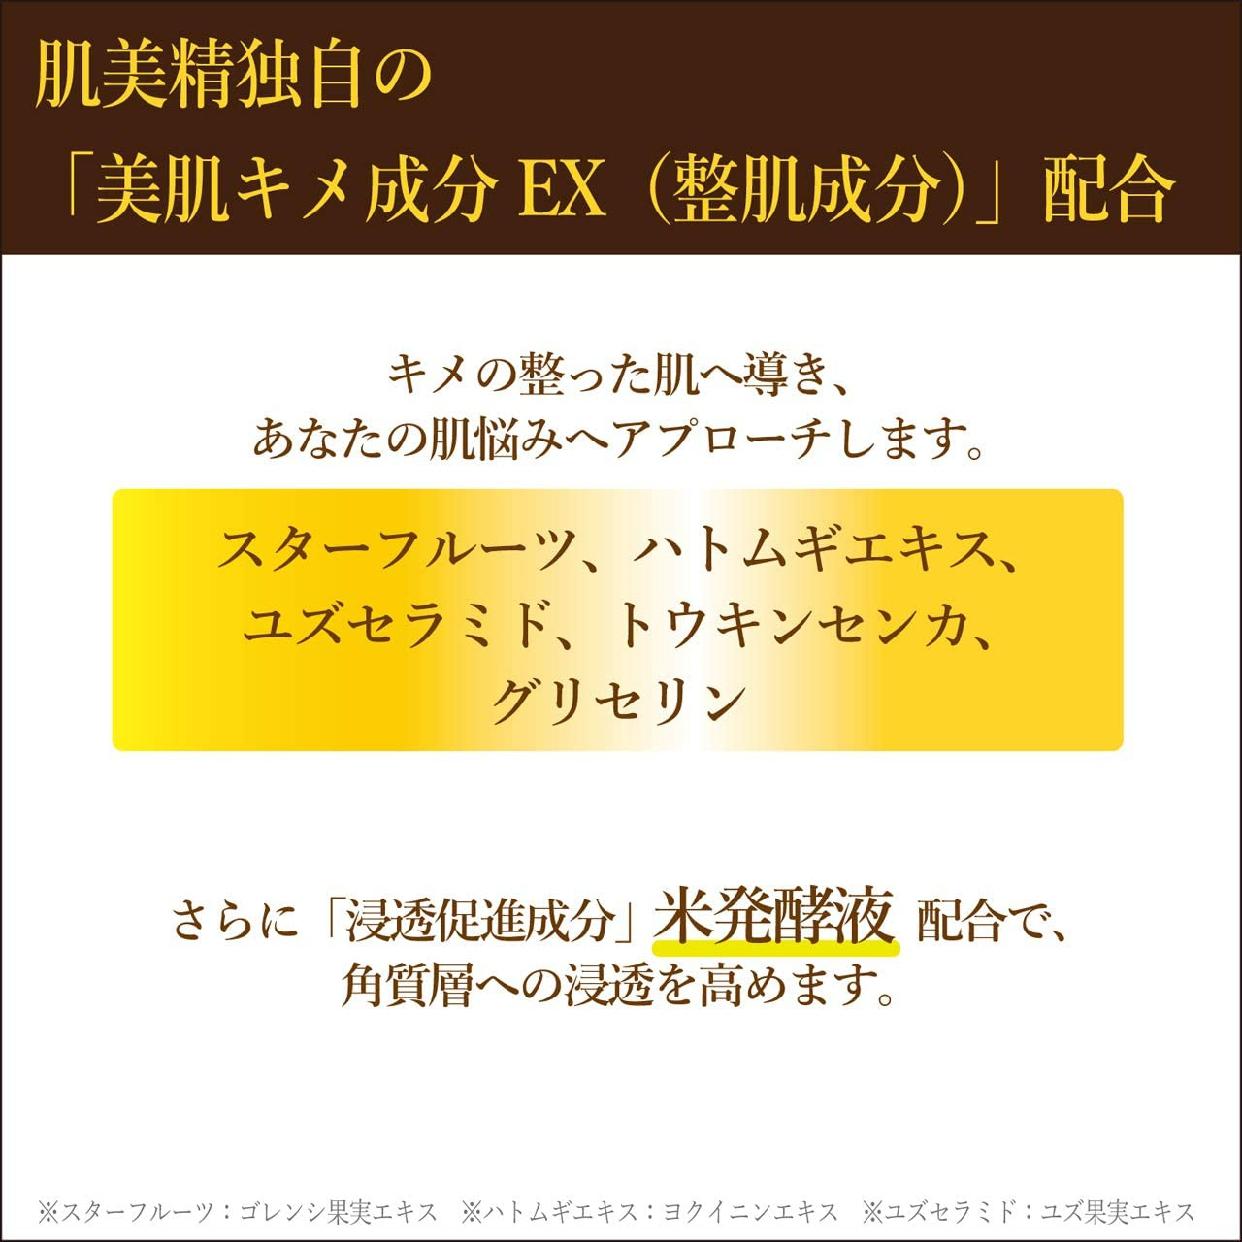 肌美精(HADABISEI) 3D濃厚プレミアムマスク (保湿)の商品画像13